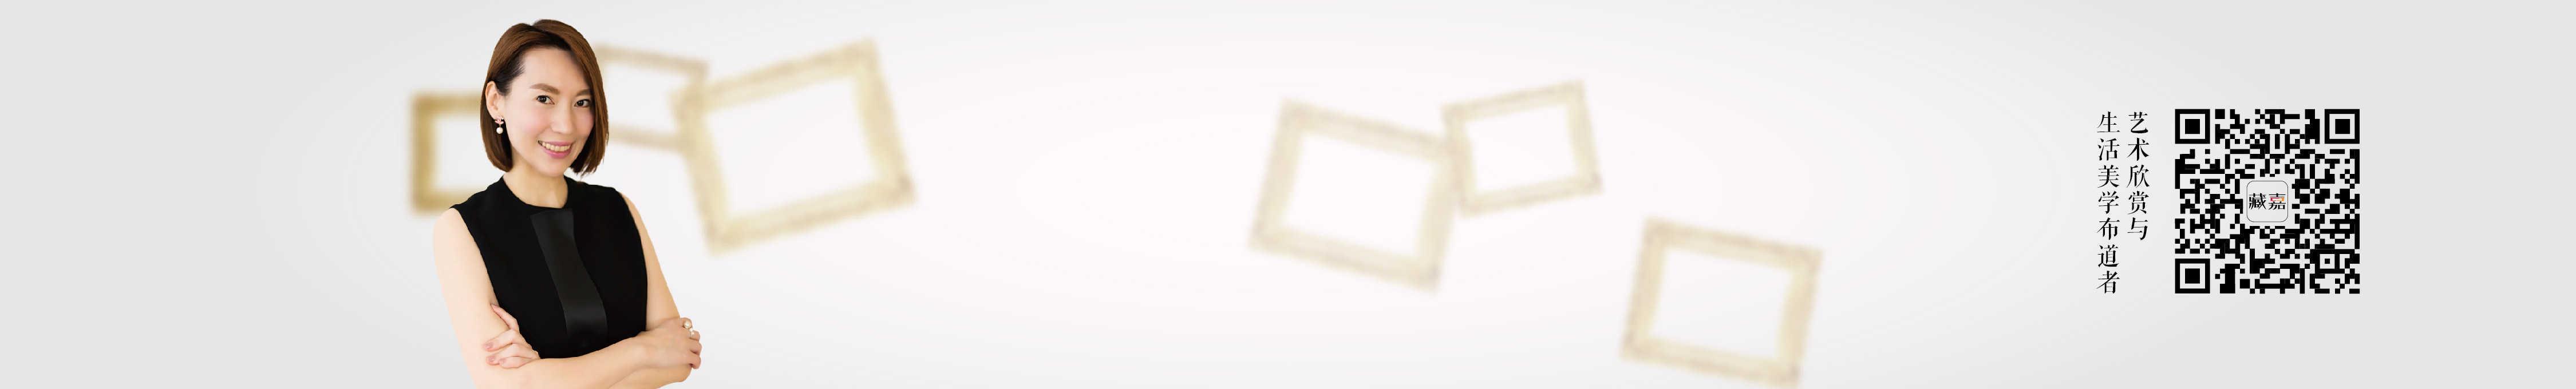 橙娱视频 banner